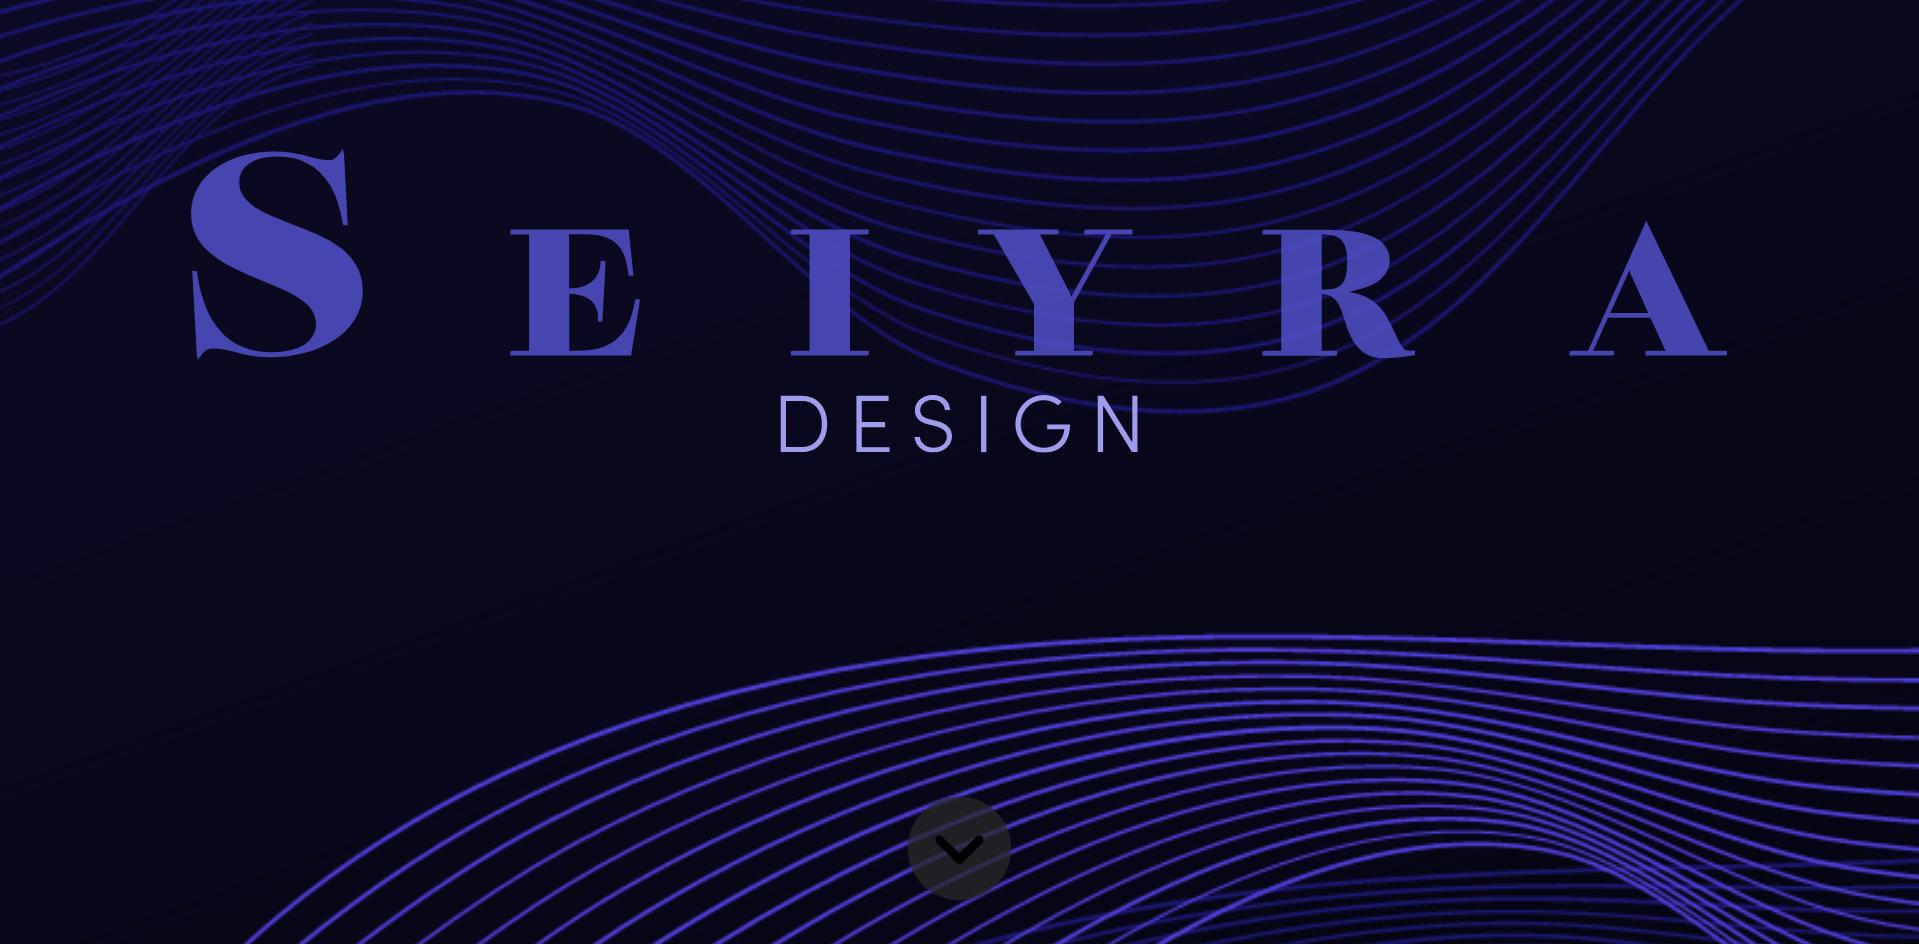 SeiyraDesign image